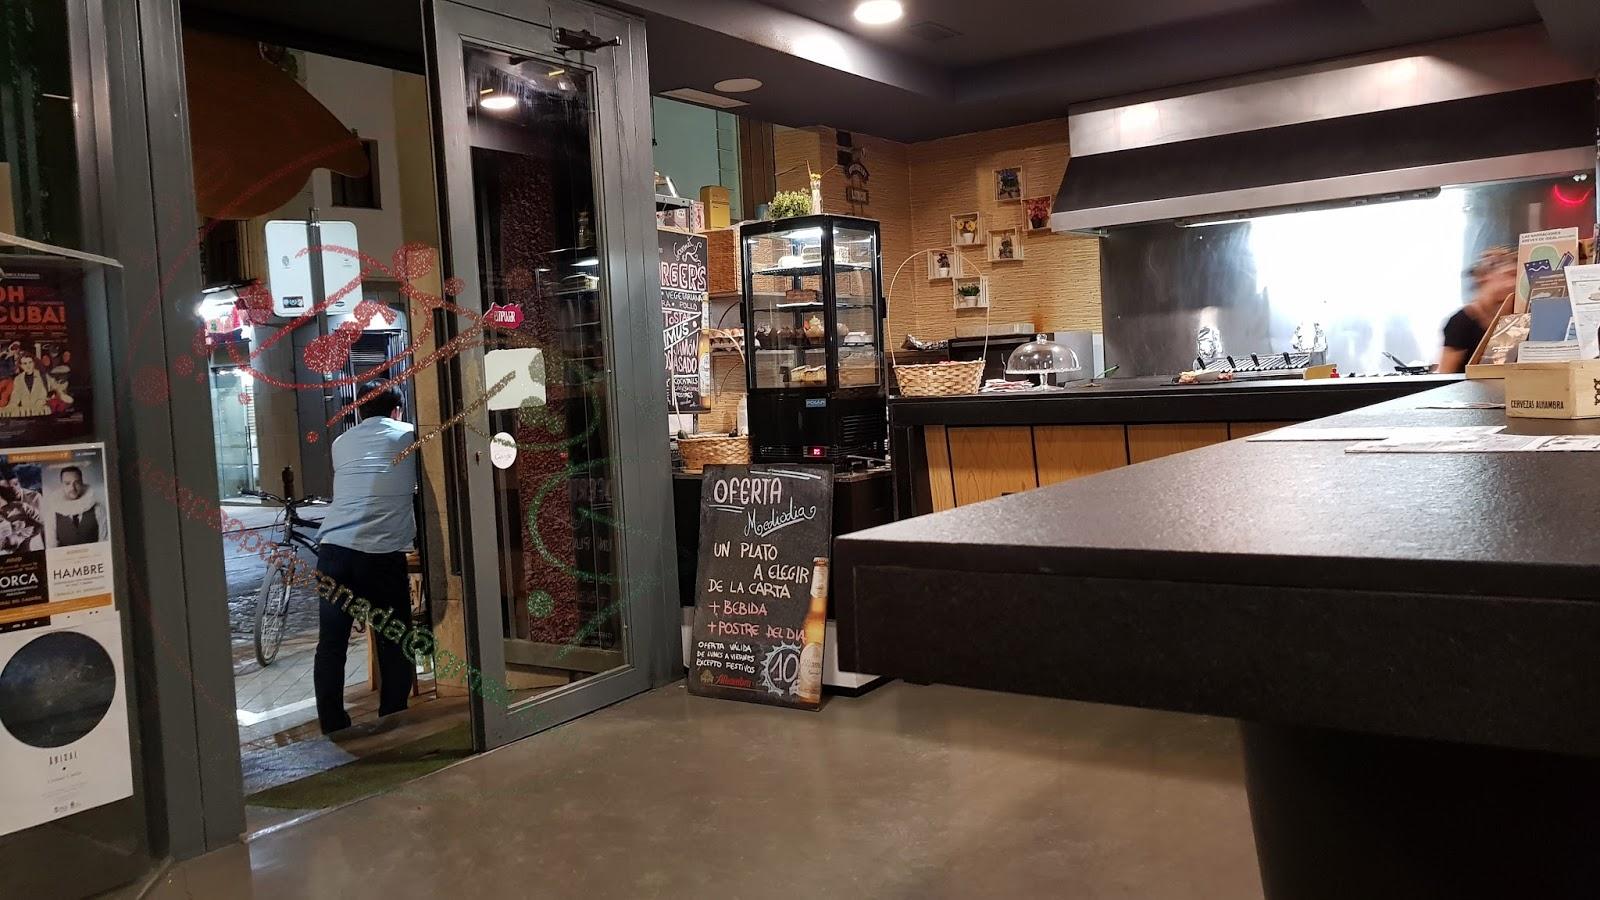 Decoracion de bares de tapas free affordable reformas de diseomens y ms en paredes de y - Decorar un bar de tapas ...